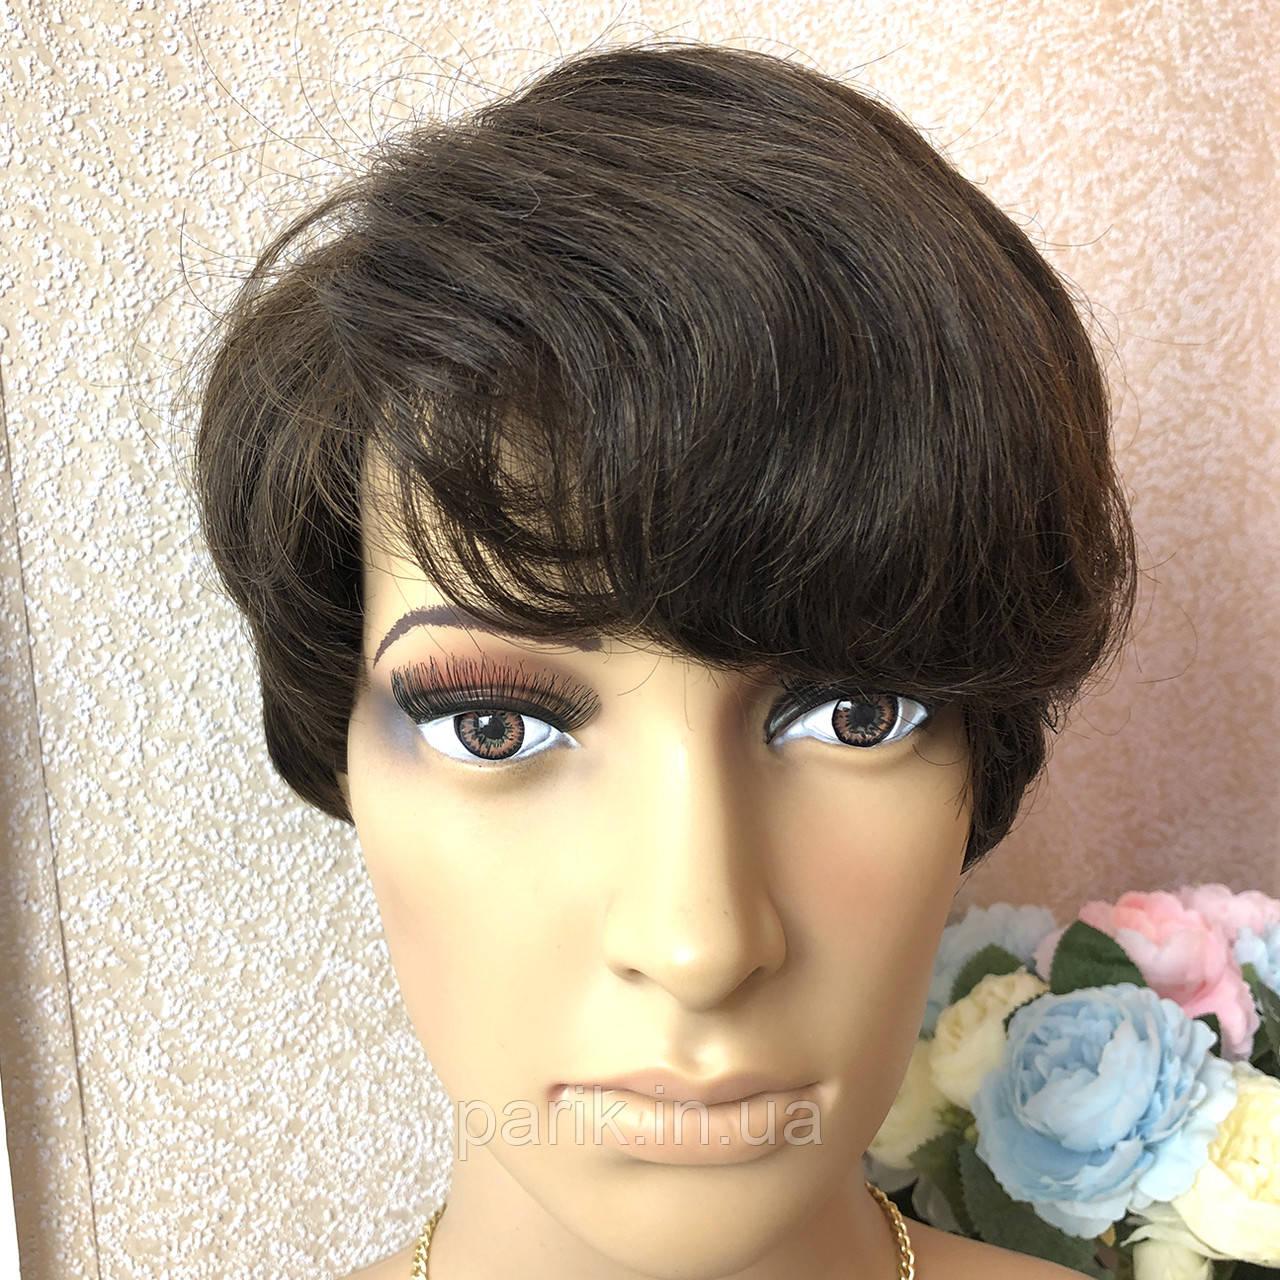 Короткий парик коричневого оттенка, под мальчика